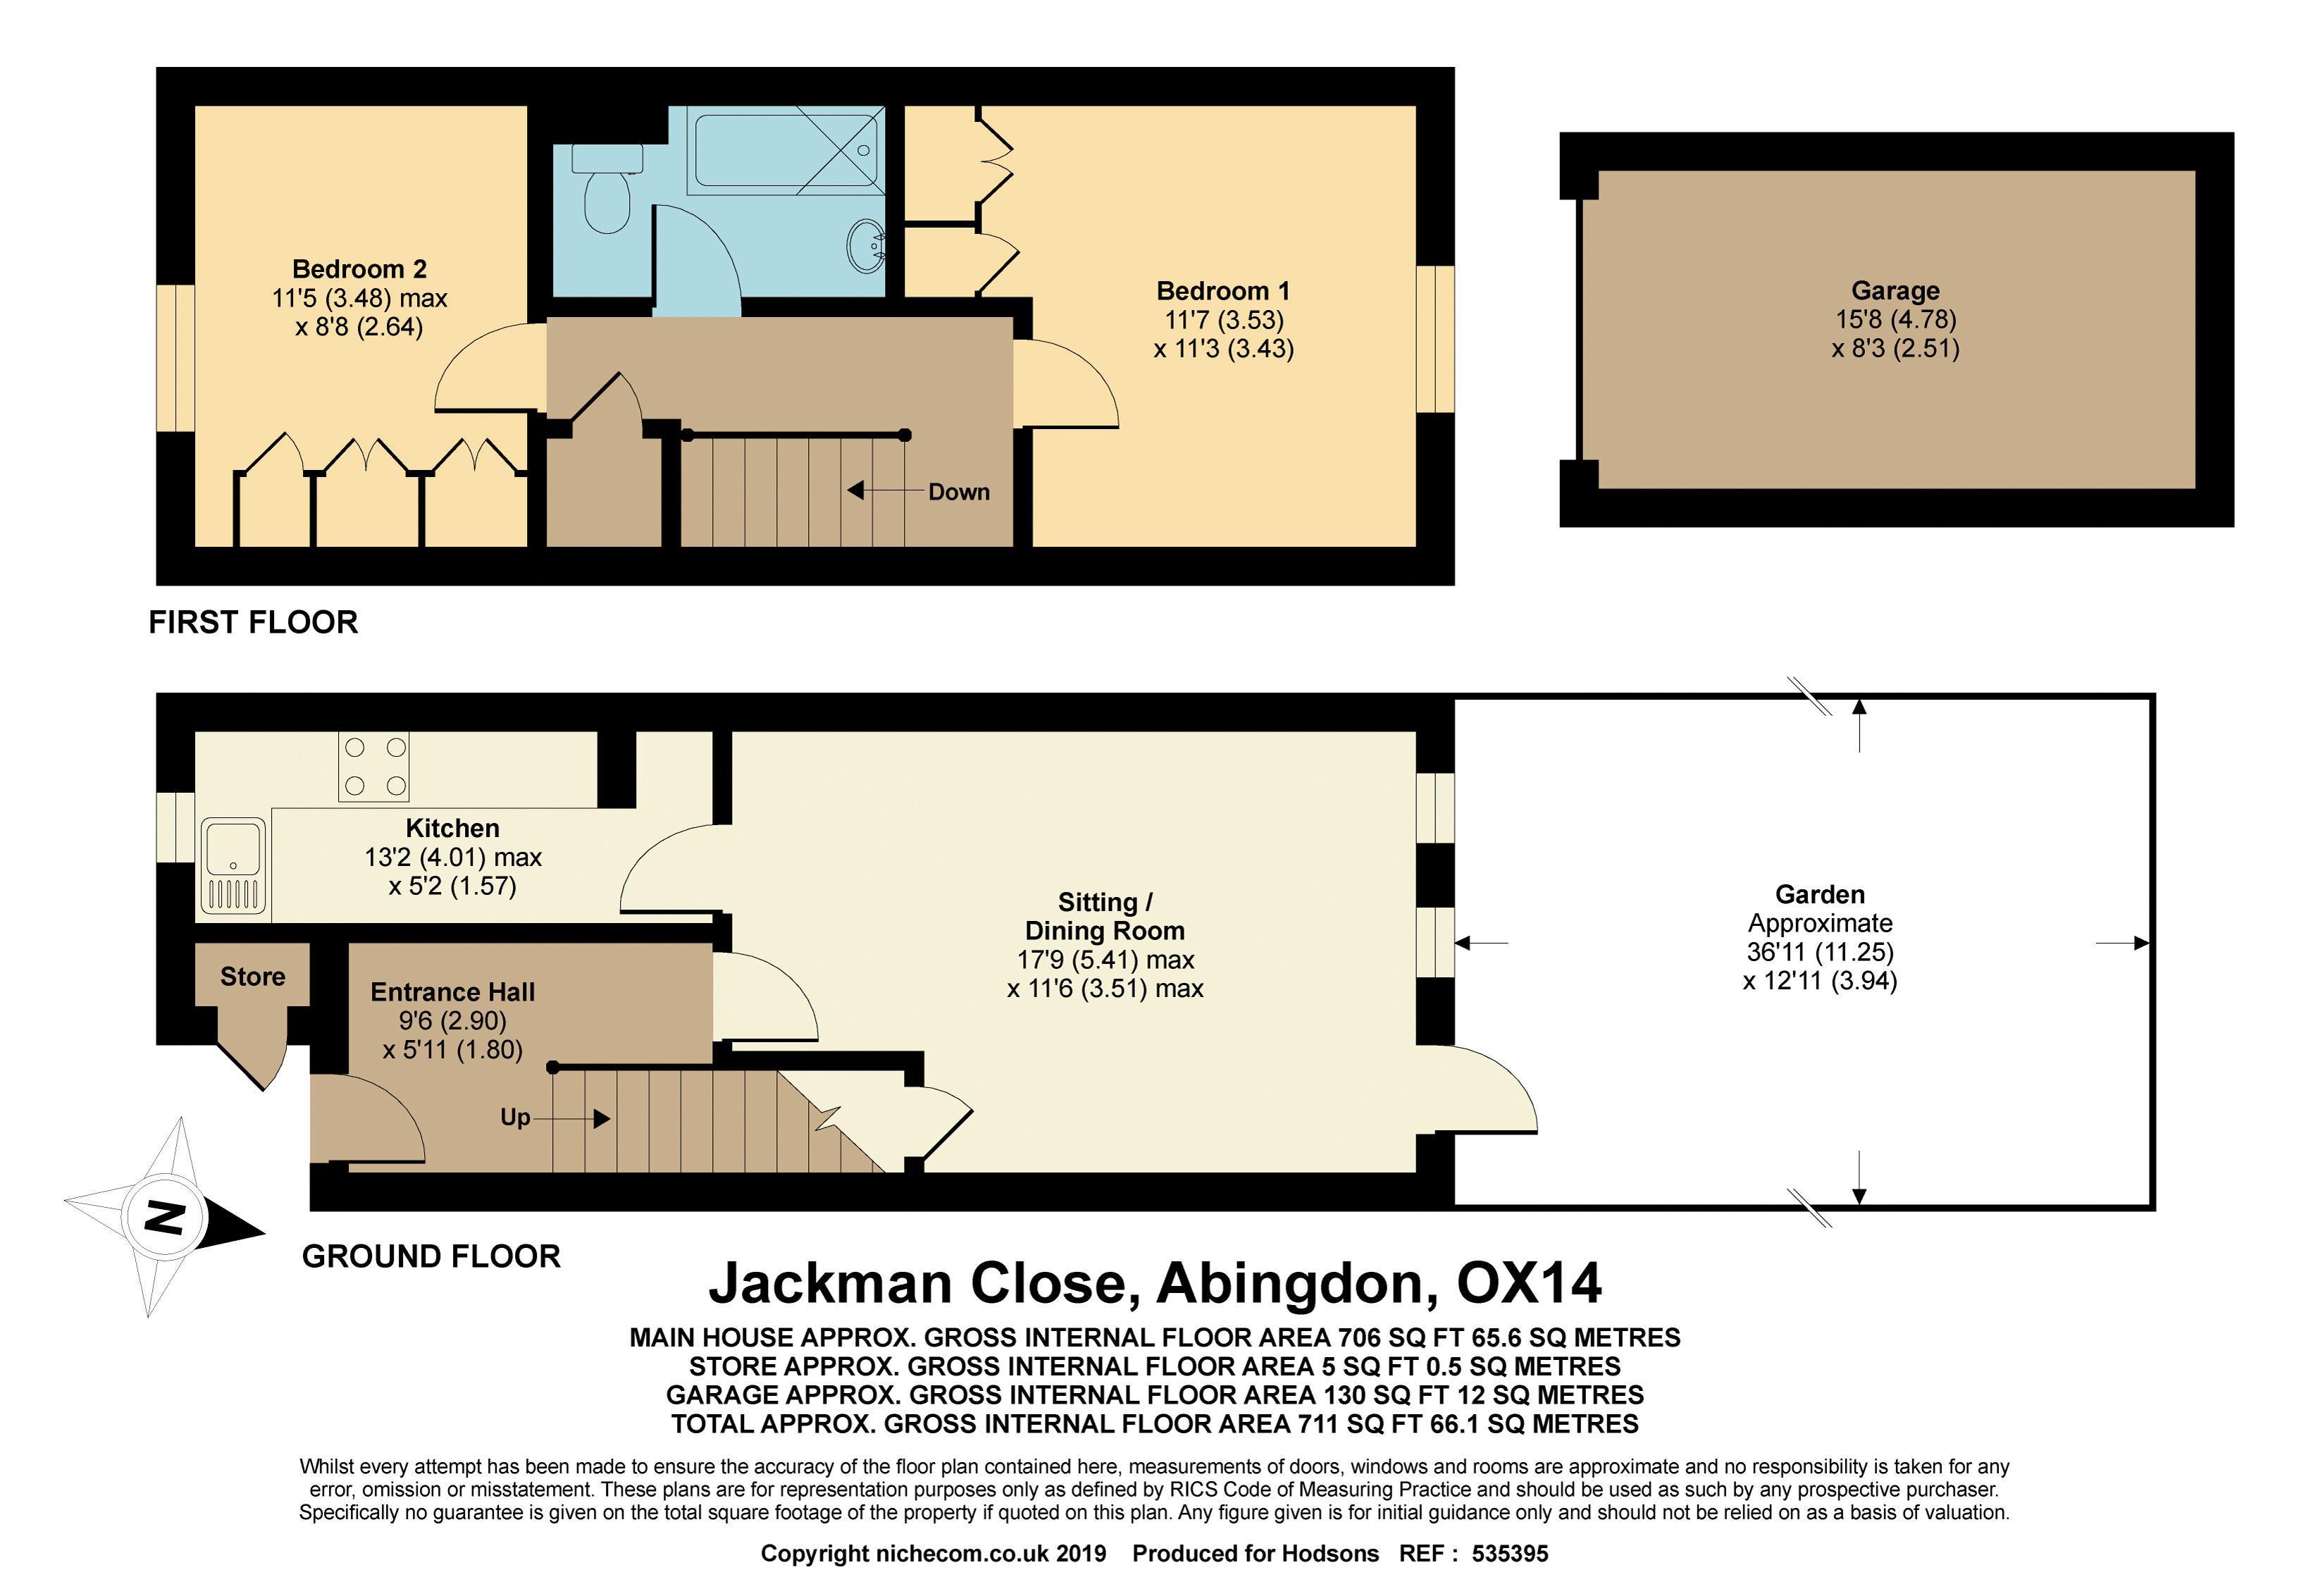 Jackman Close